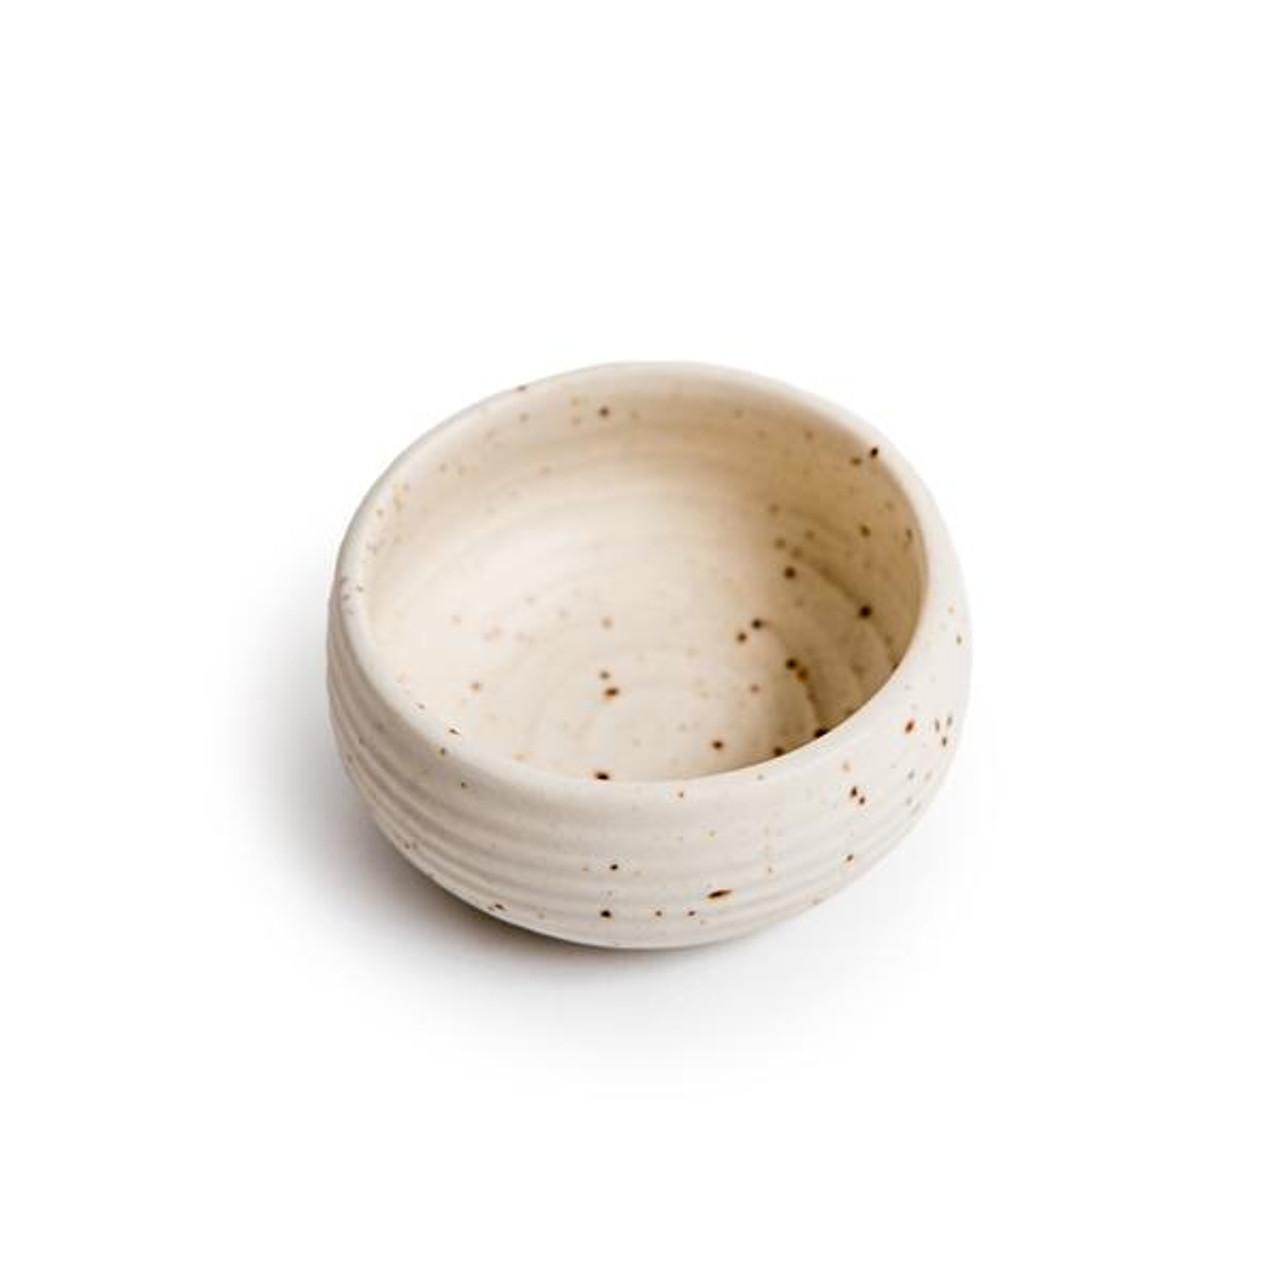 ribbed speckled ceramic dip bowl